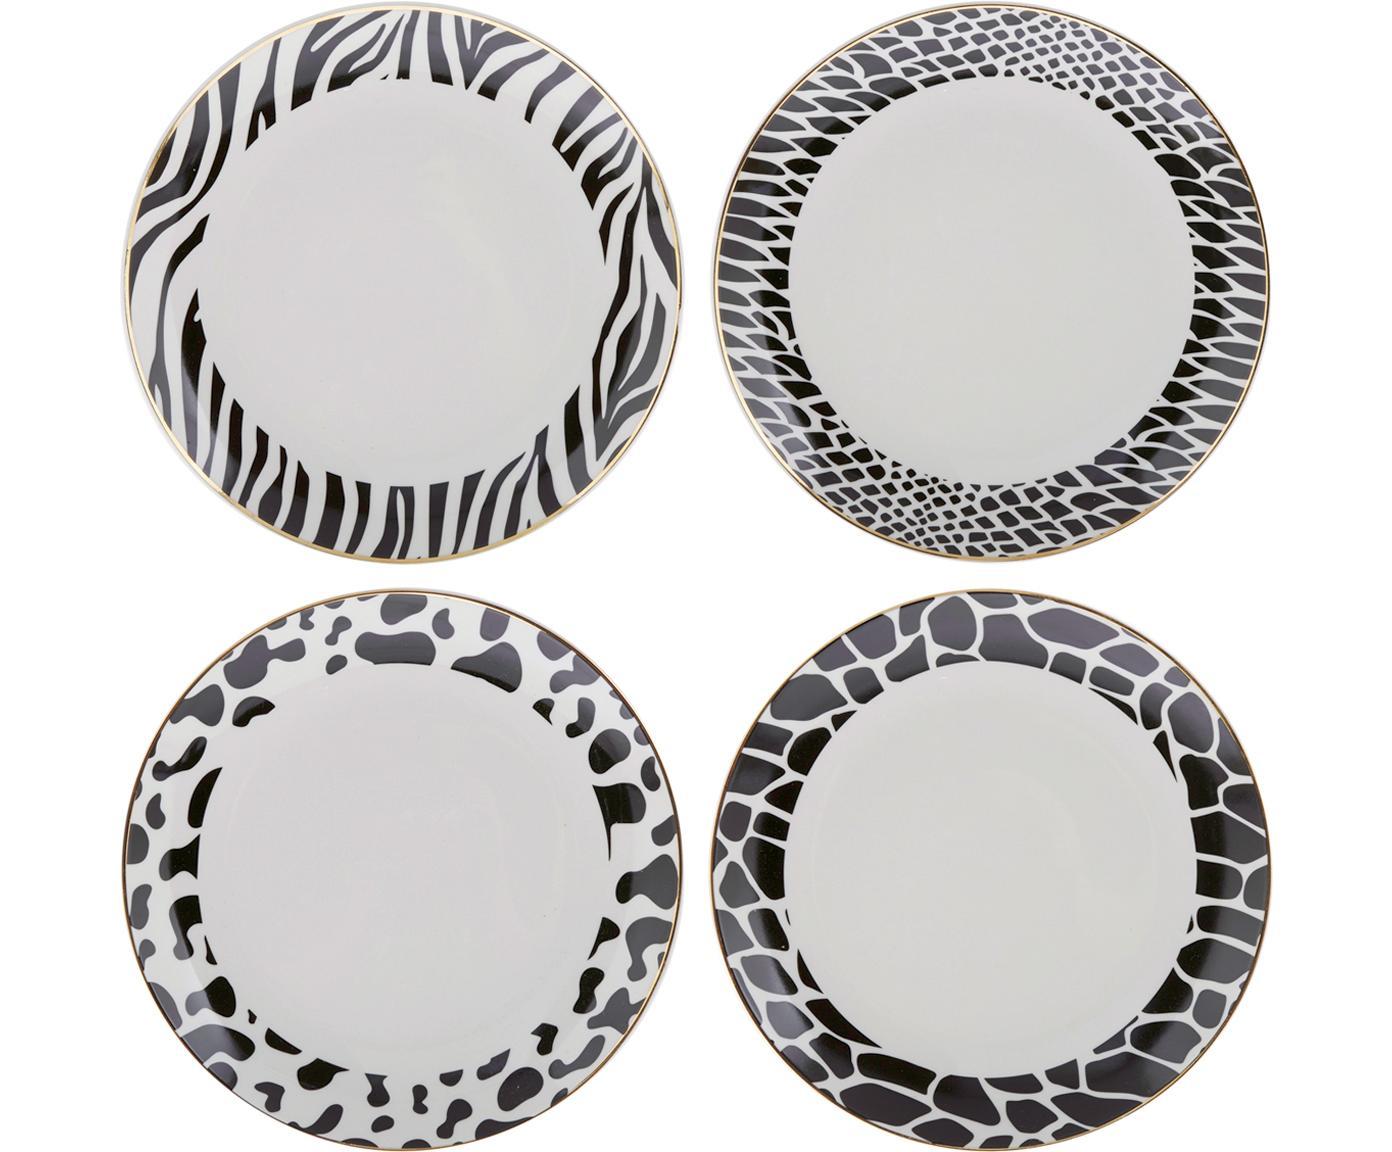 Frühstücksteller-Set Wild Jungle, 4-tlg., Porzellan, Schwarz, Weiß, Ø 19 cm